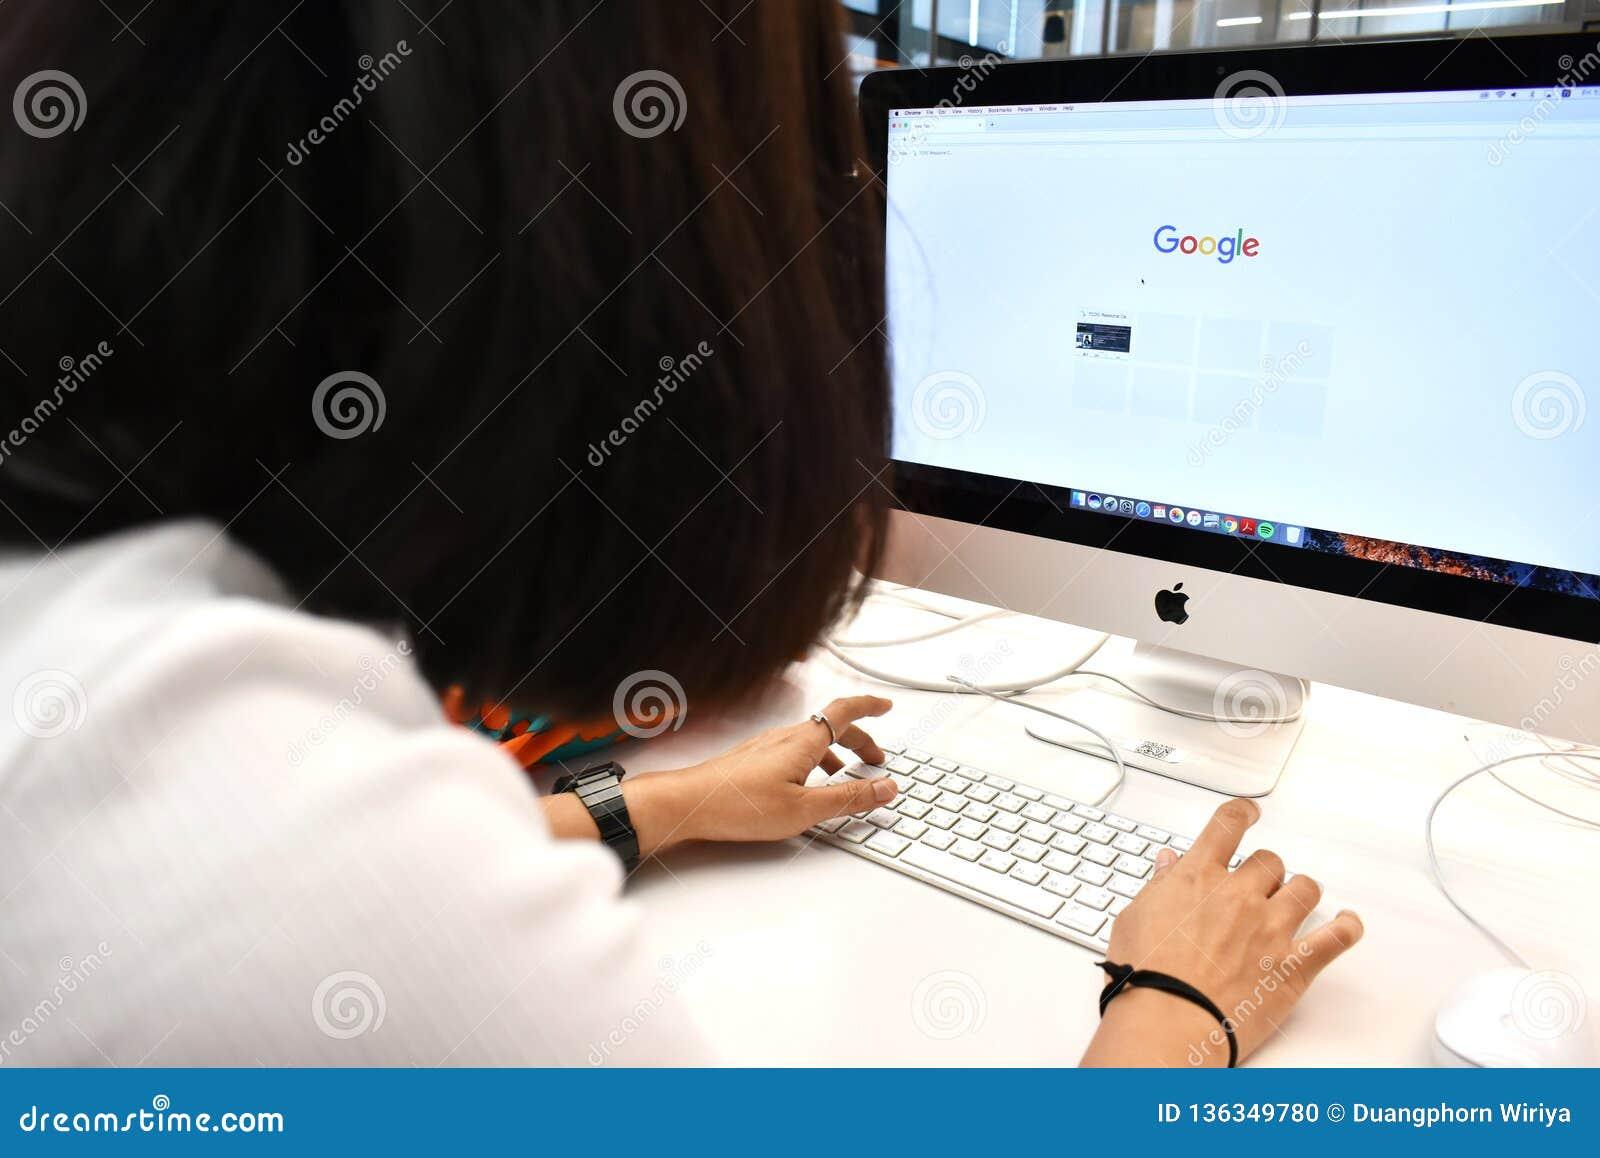 Il concetto di ricerca con Google, utente sta scrivendo la parola chiave a macchina nella barra di ricerca con Google sul browser